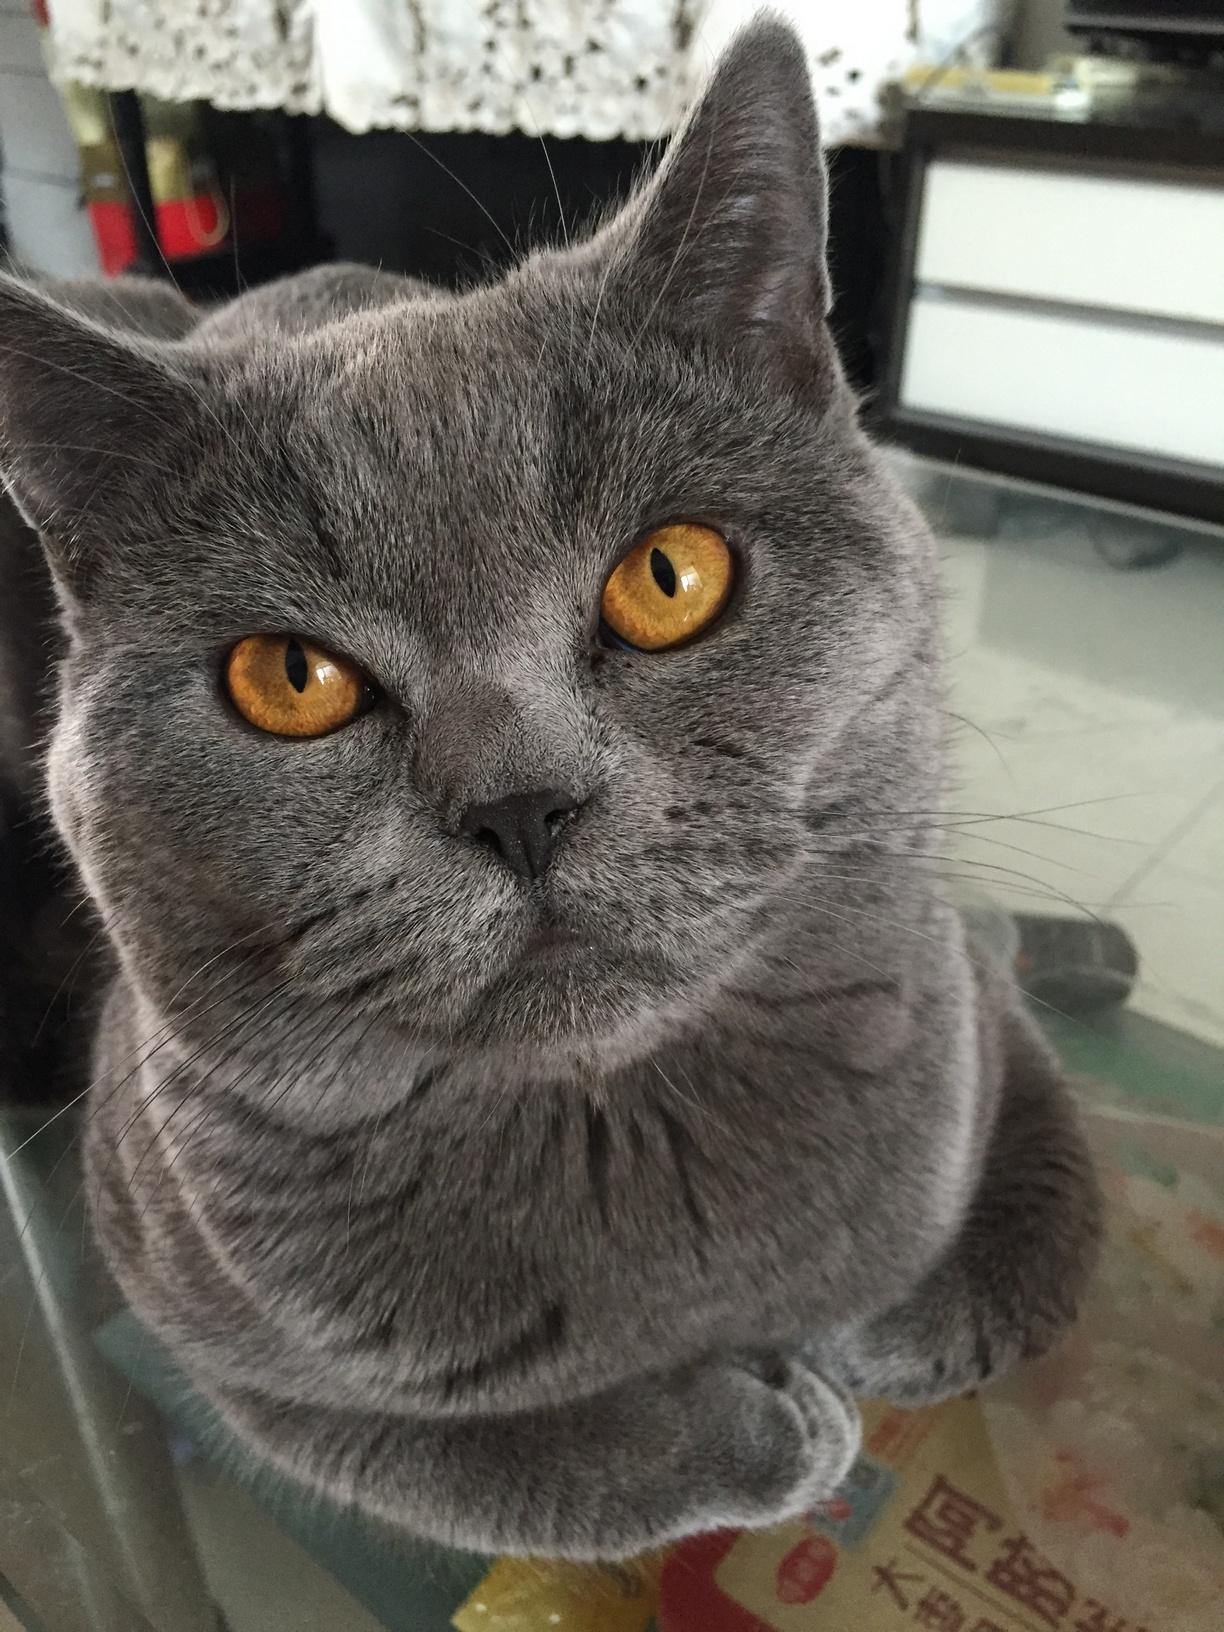 出只公猫,英短蓝猫,11个月大